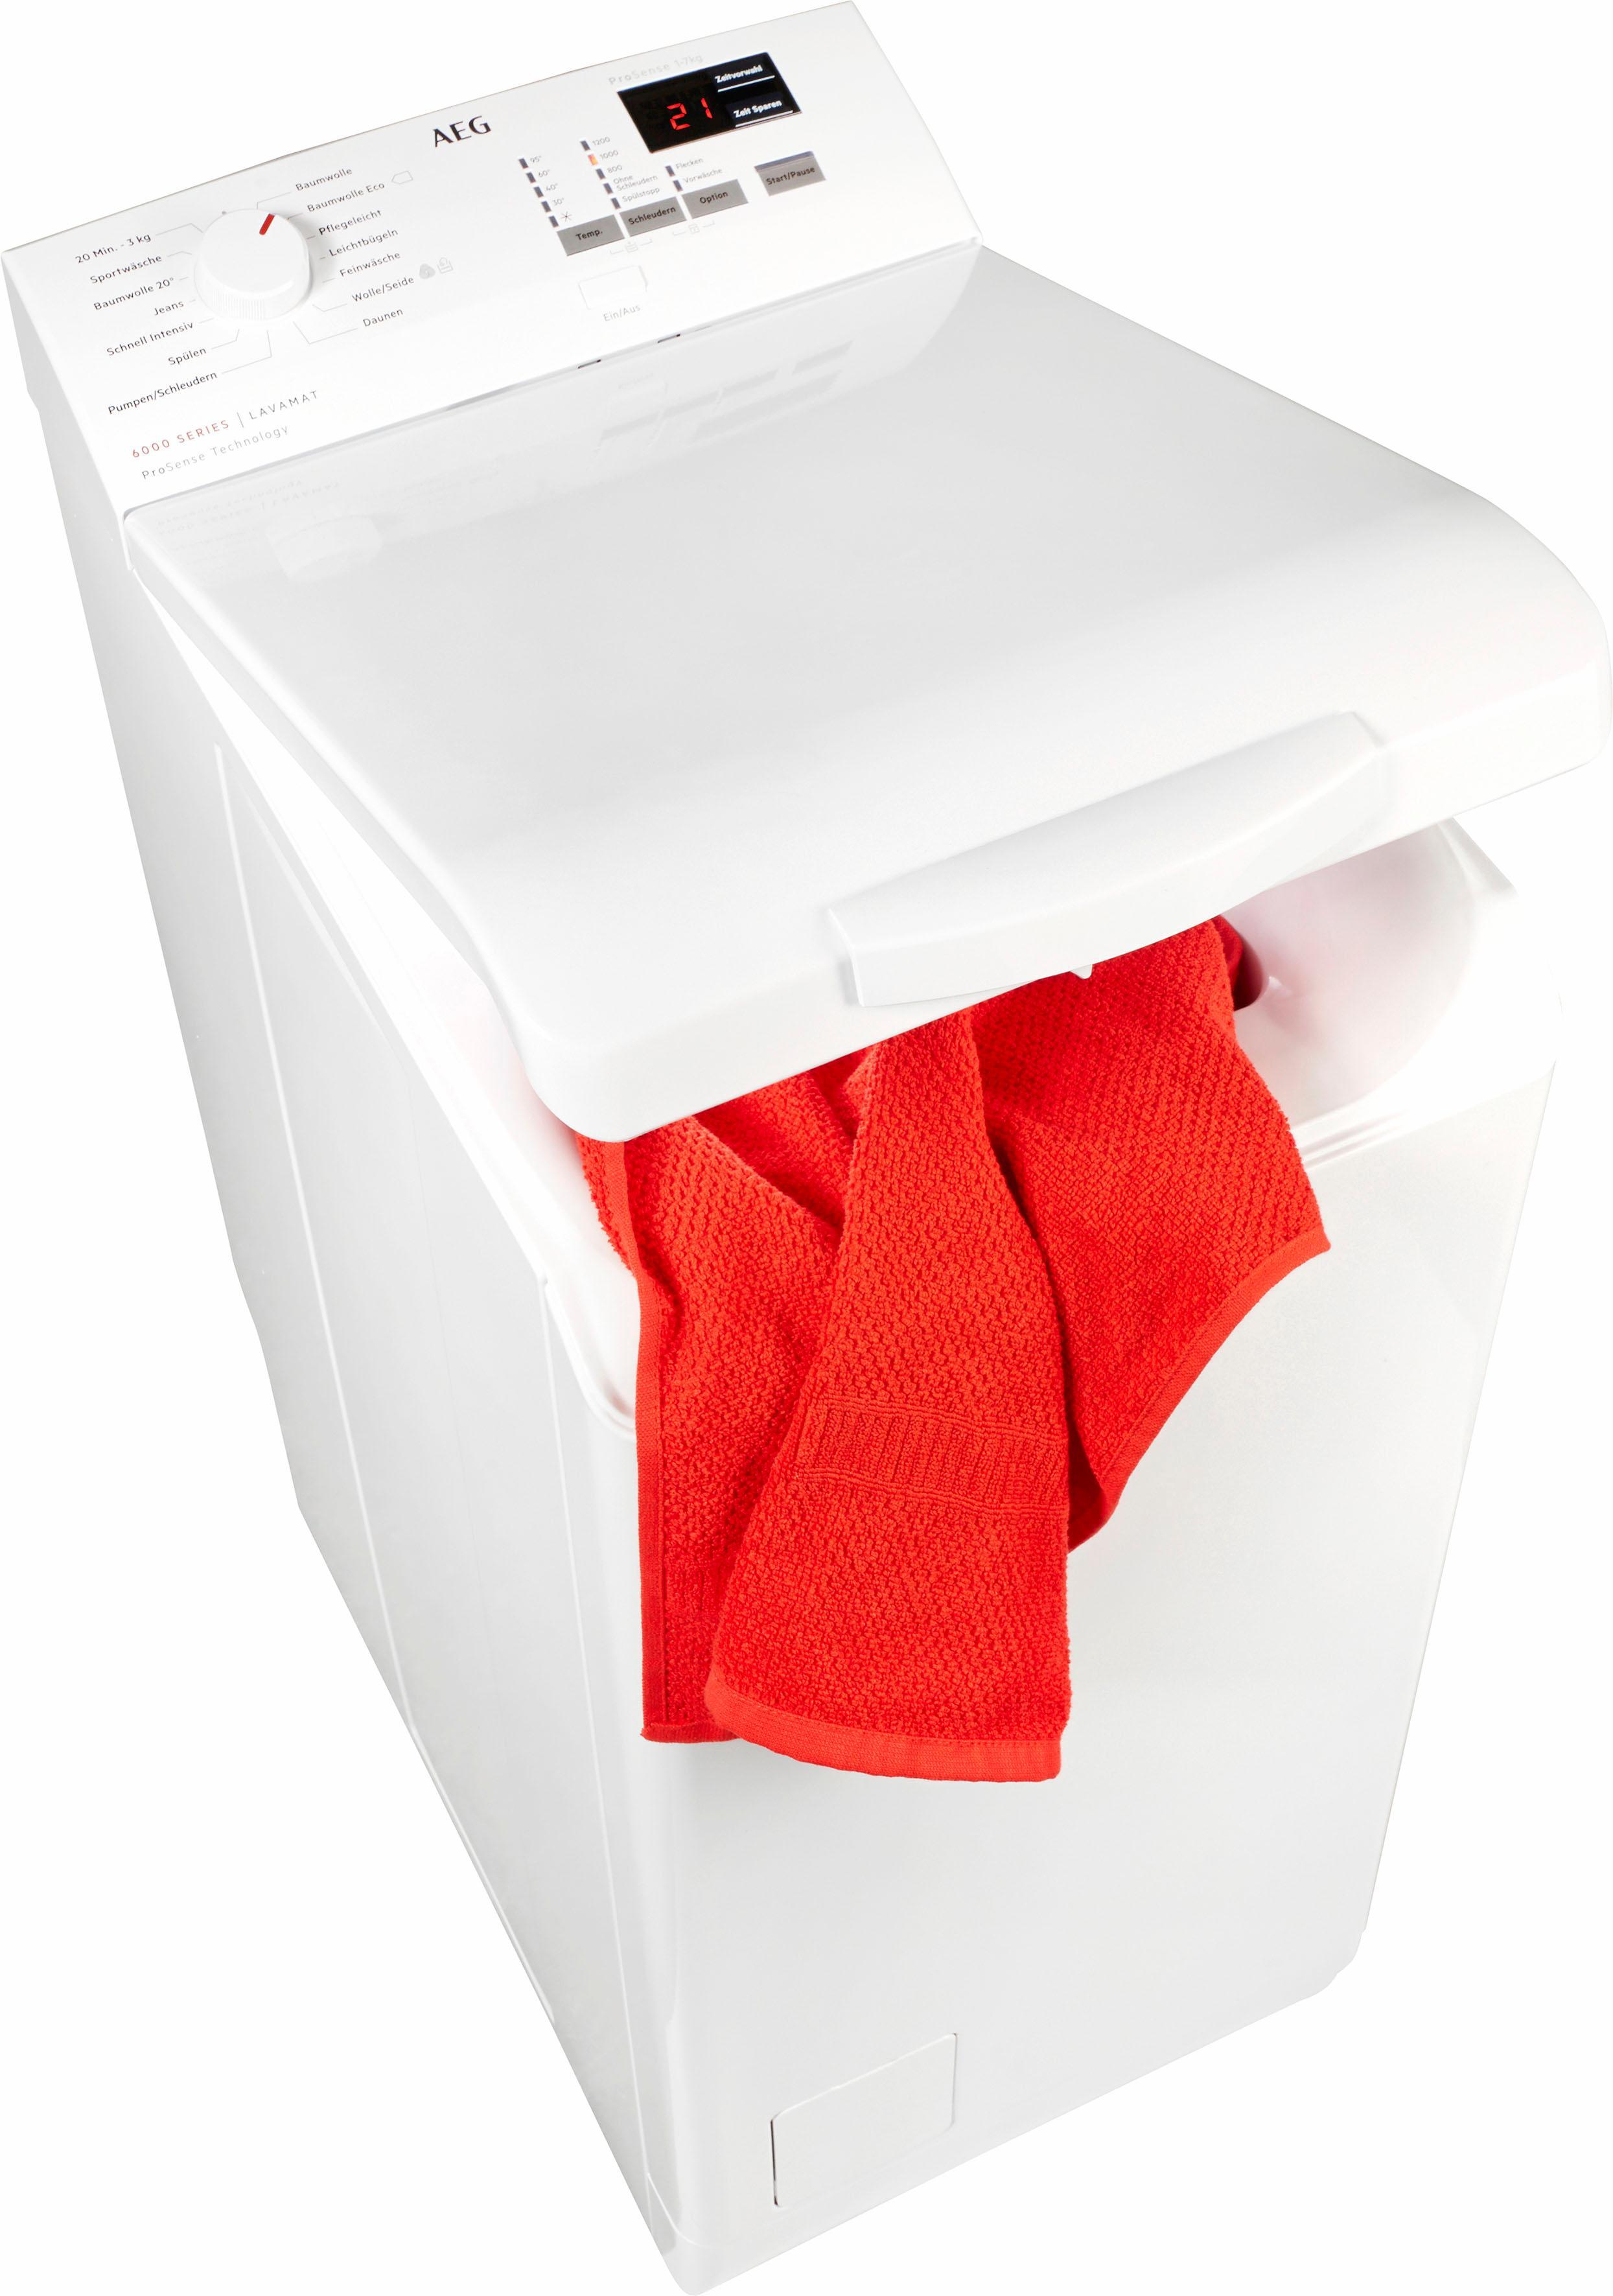 AEG Waschmaschine Toplader 6000 L6TB41270 | Bad > Waschmaschinen und Trockner > Toplader | Weiß | Aeg Electrolux